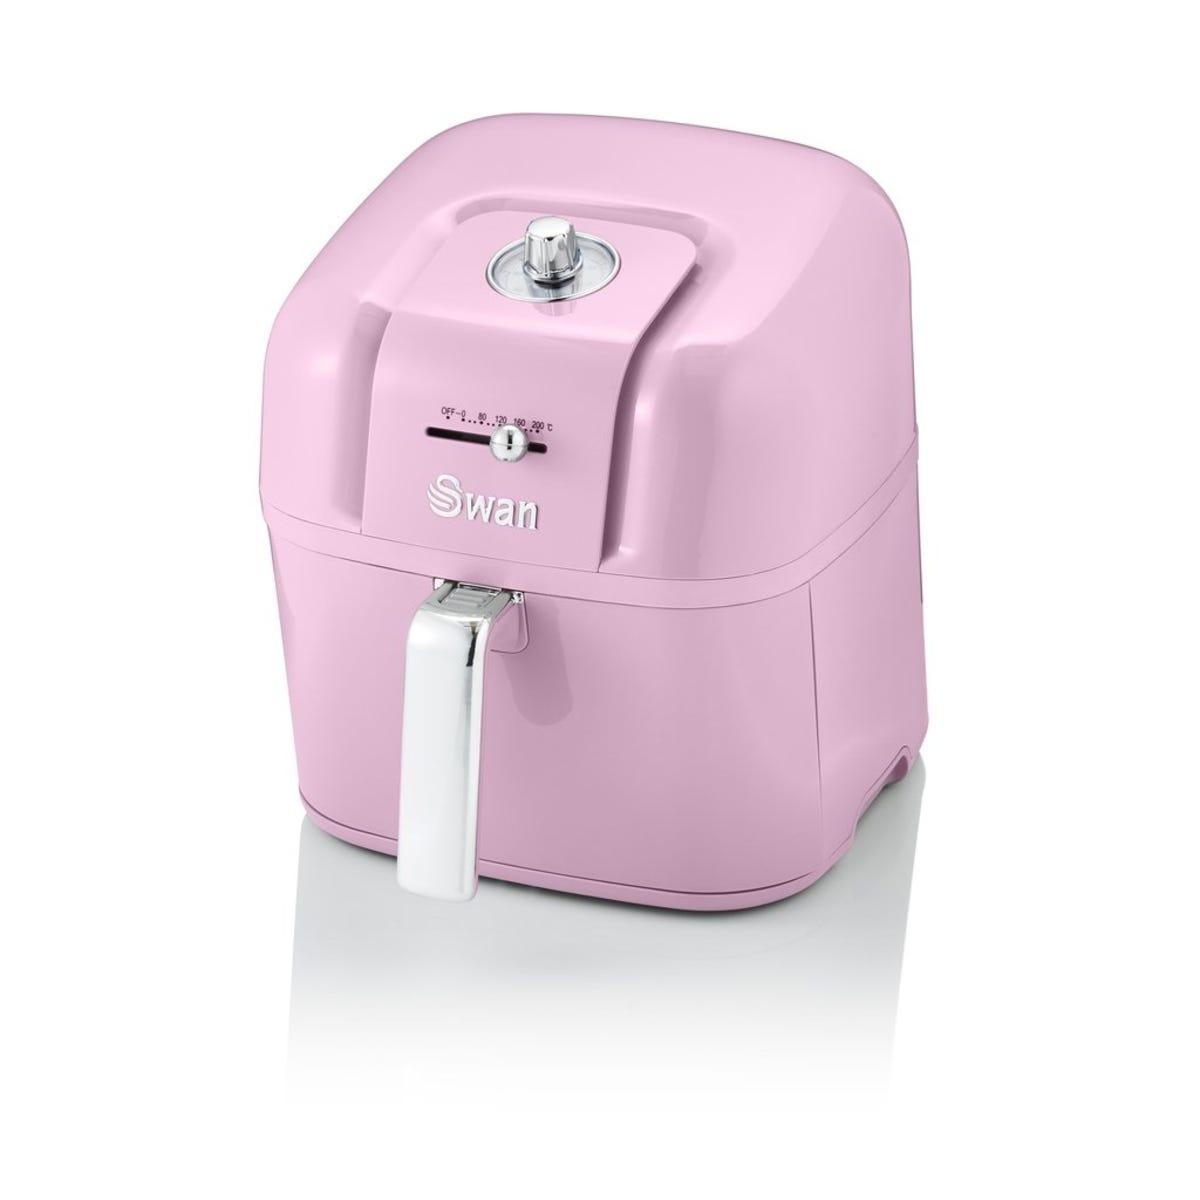 Swan SD10510PN 6L Retro Manual Air Fryer - Pink